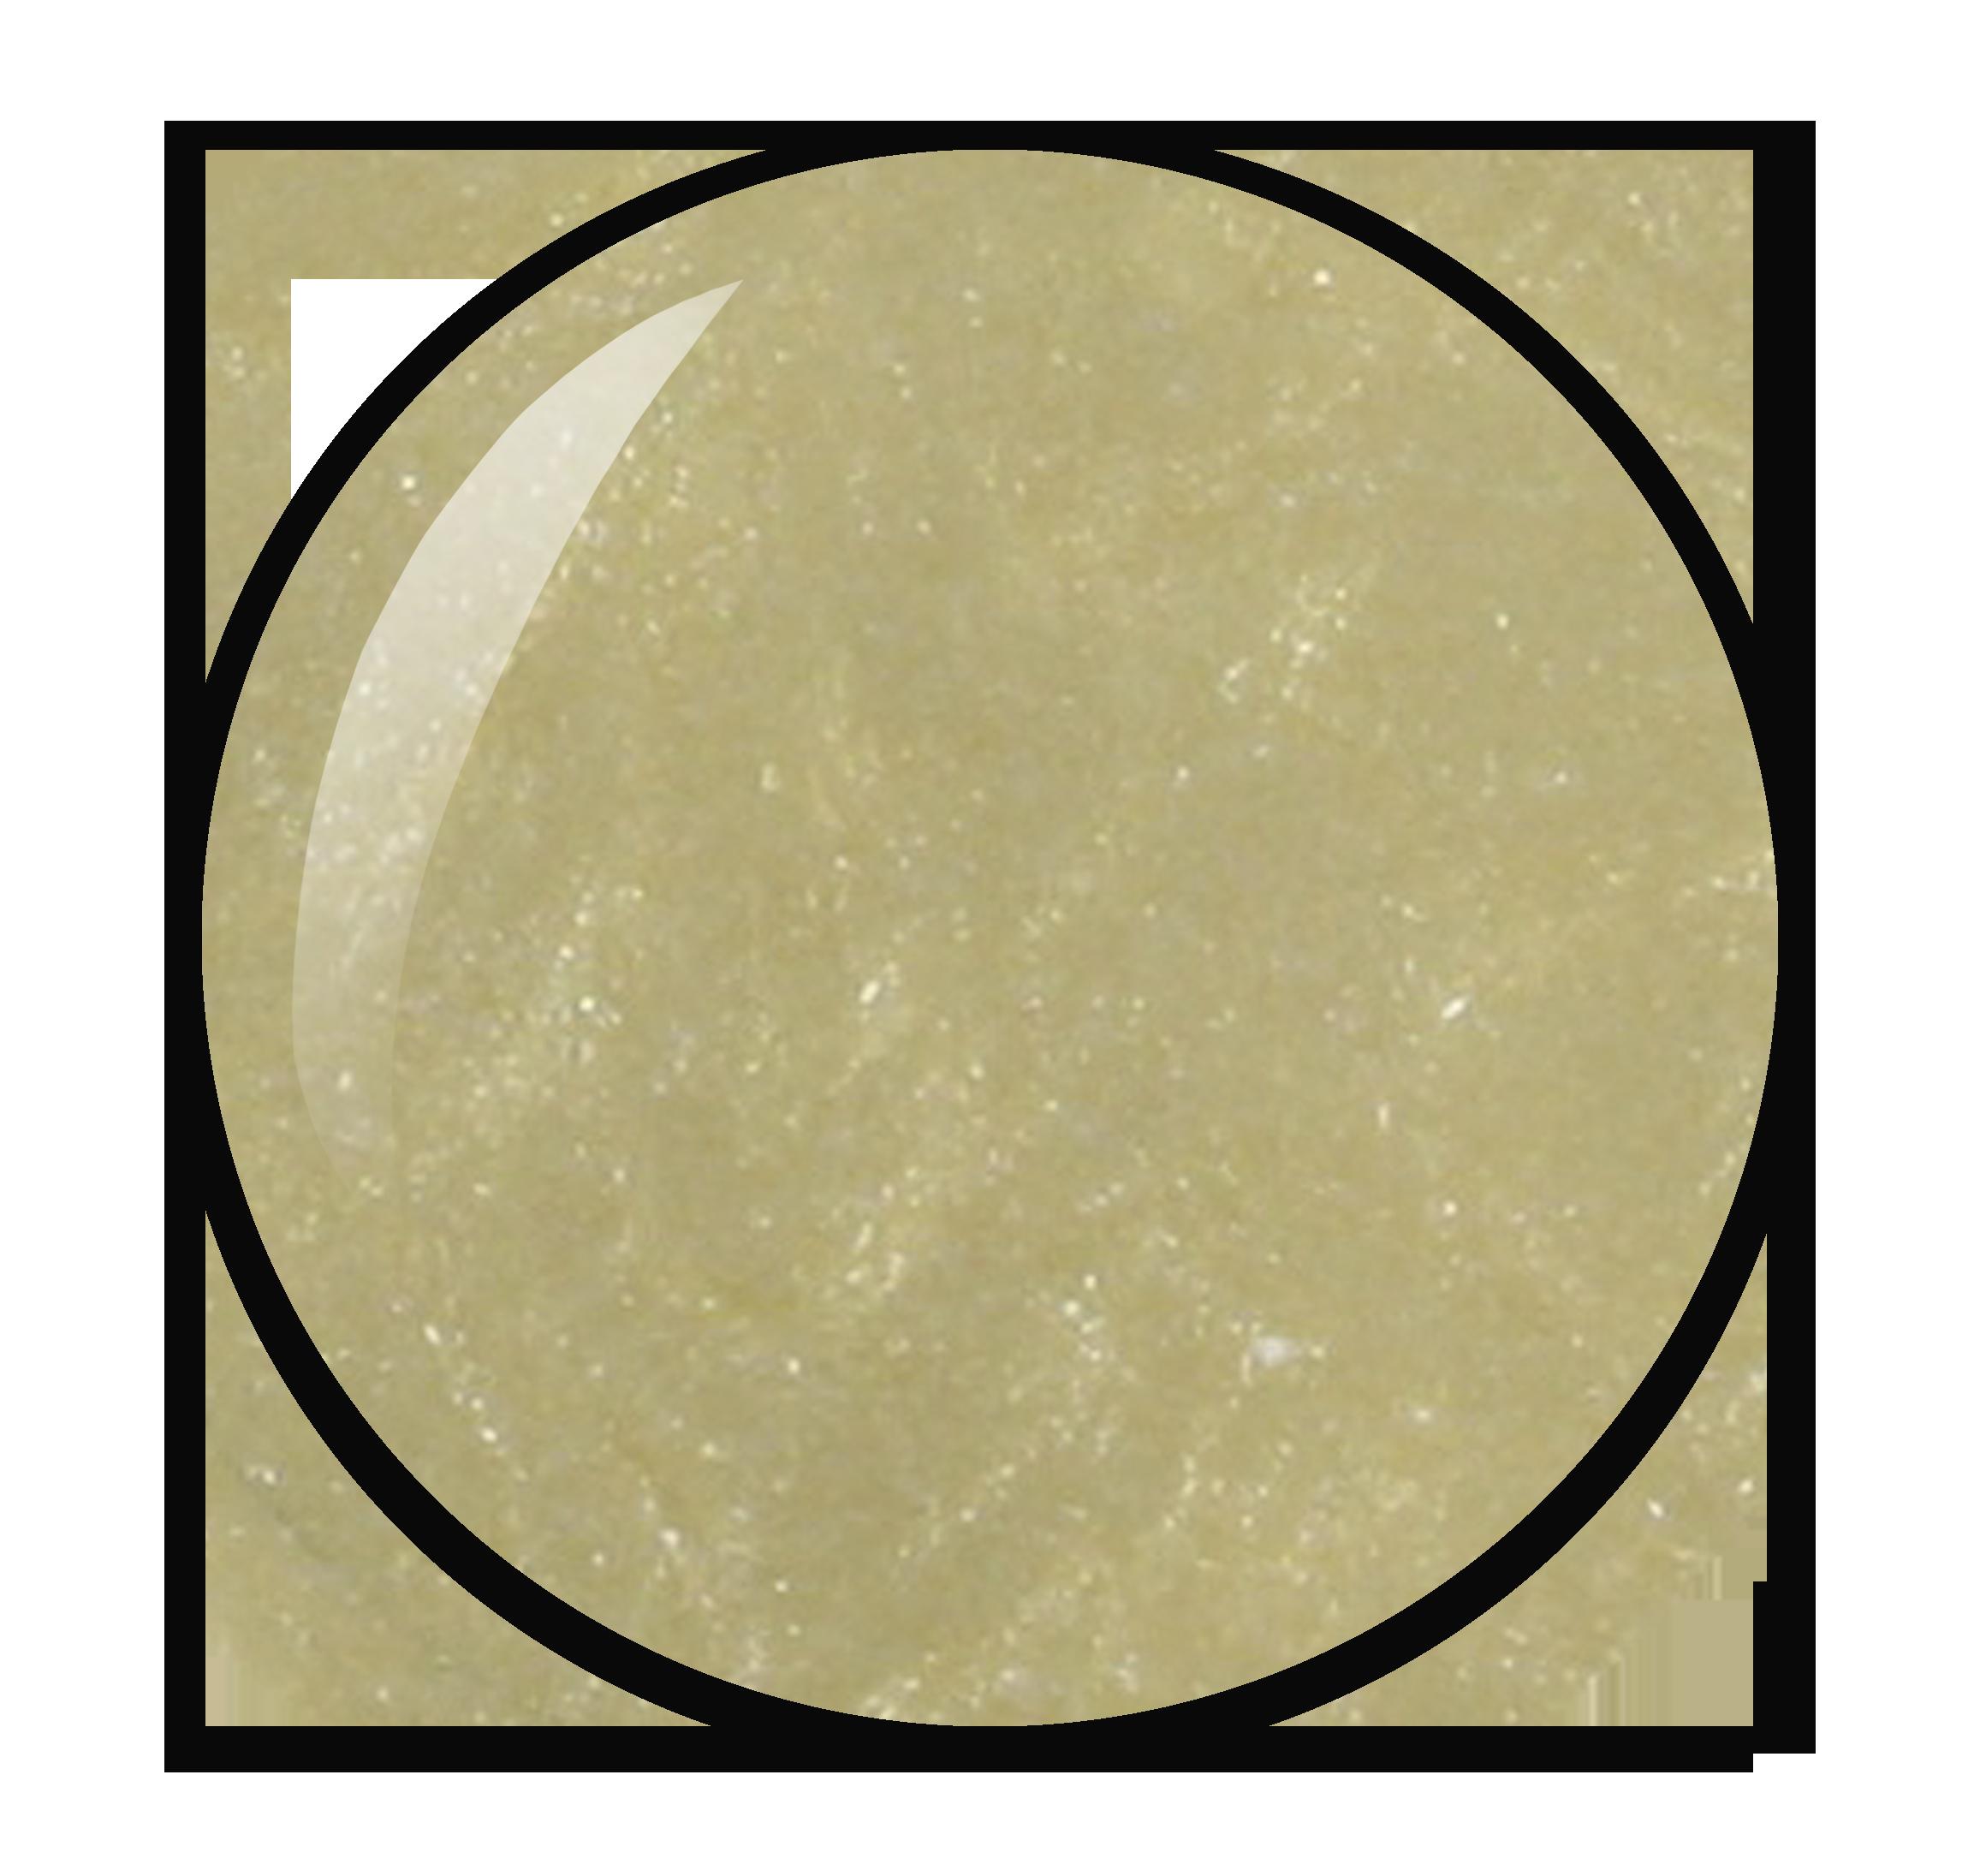 Gouden nagellak nummer 70 uit de Herôme nagellak collectie